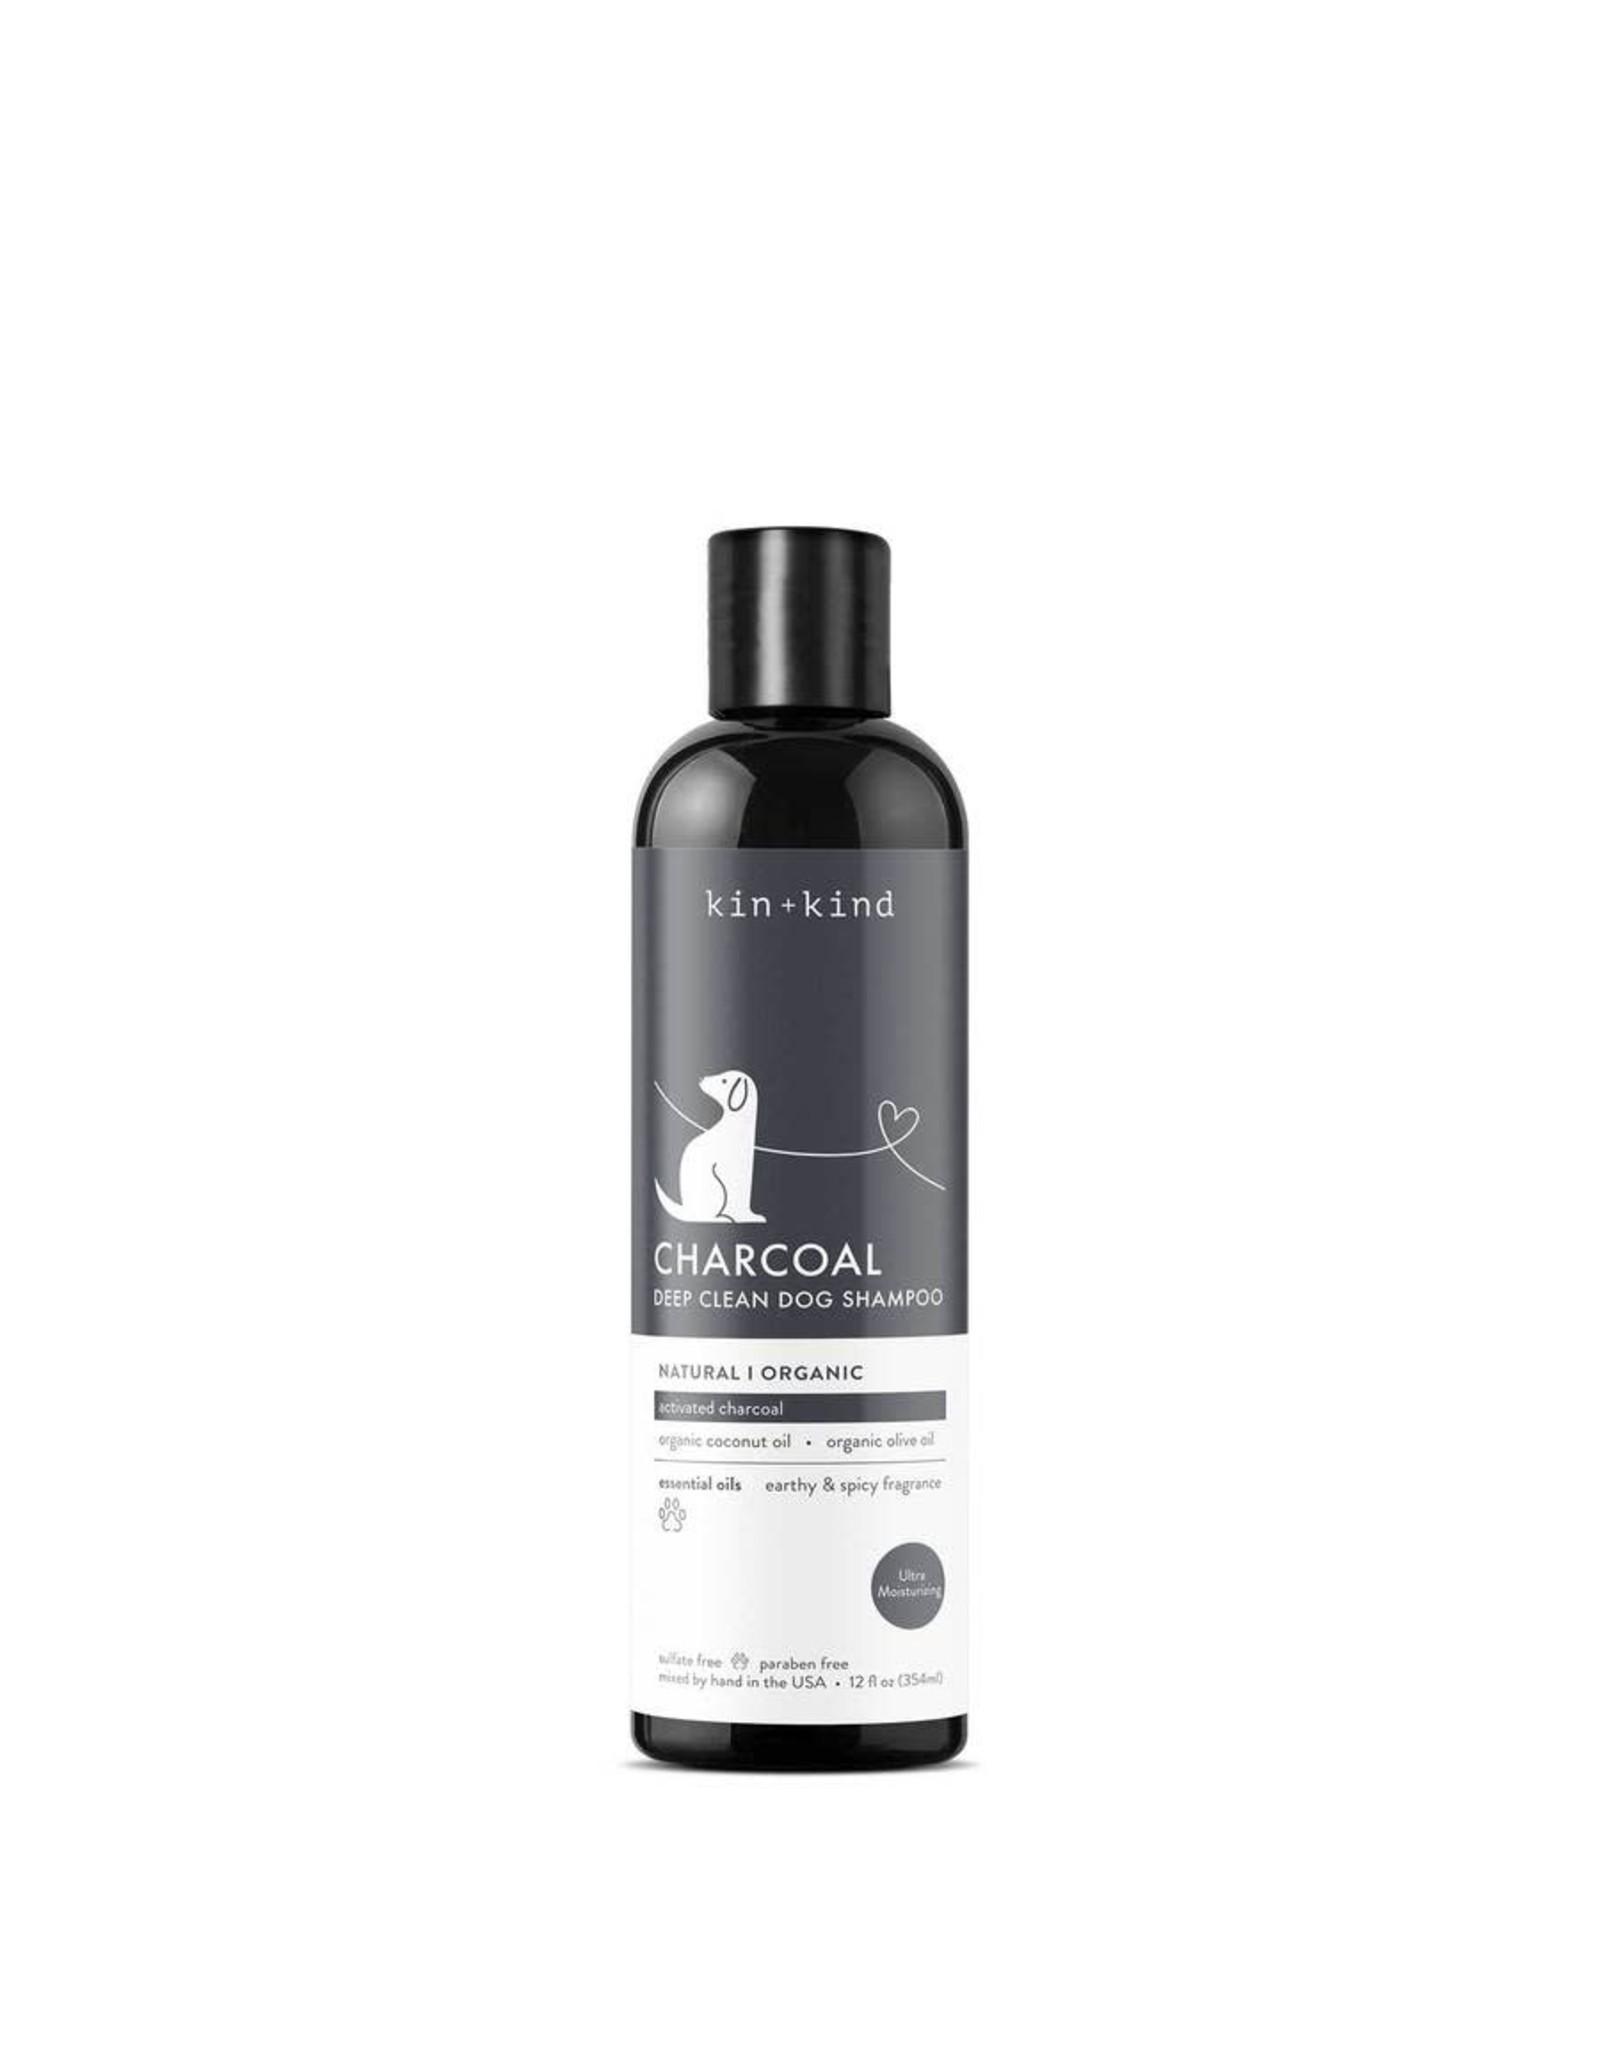 Kin + Kind Kin + Kind - Charcoal shampoo